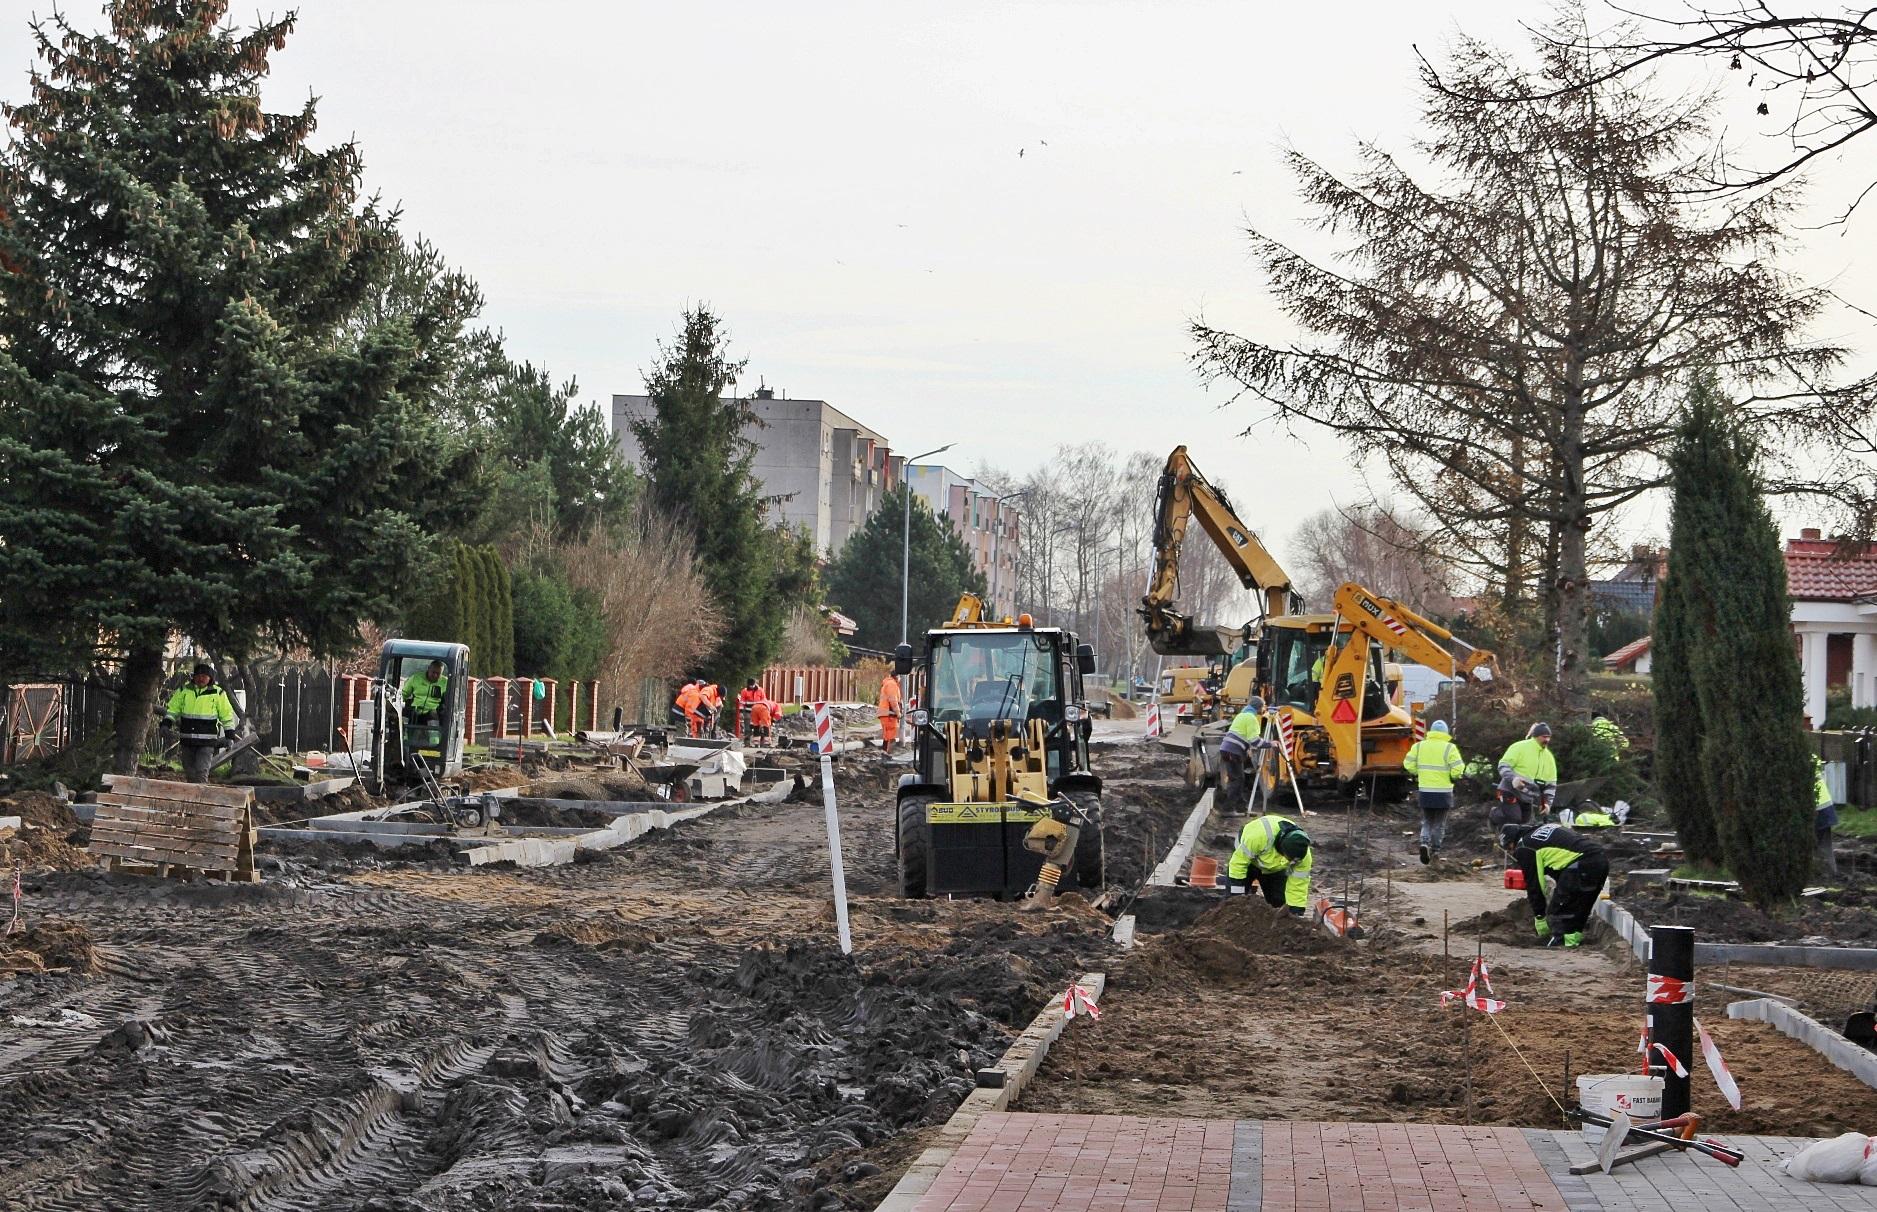 Przebudowa ulicy Bolesłwa Śmiałego